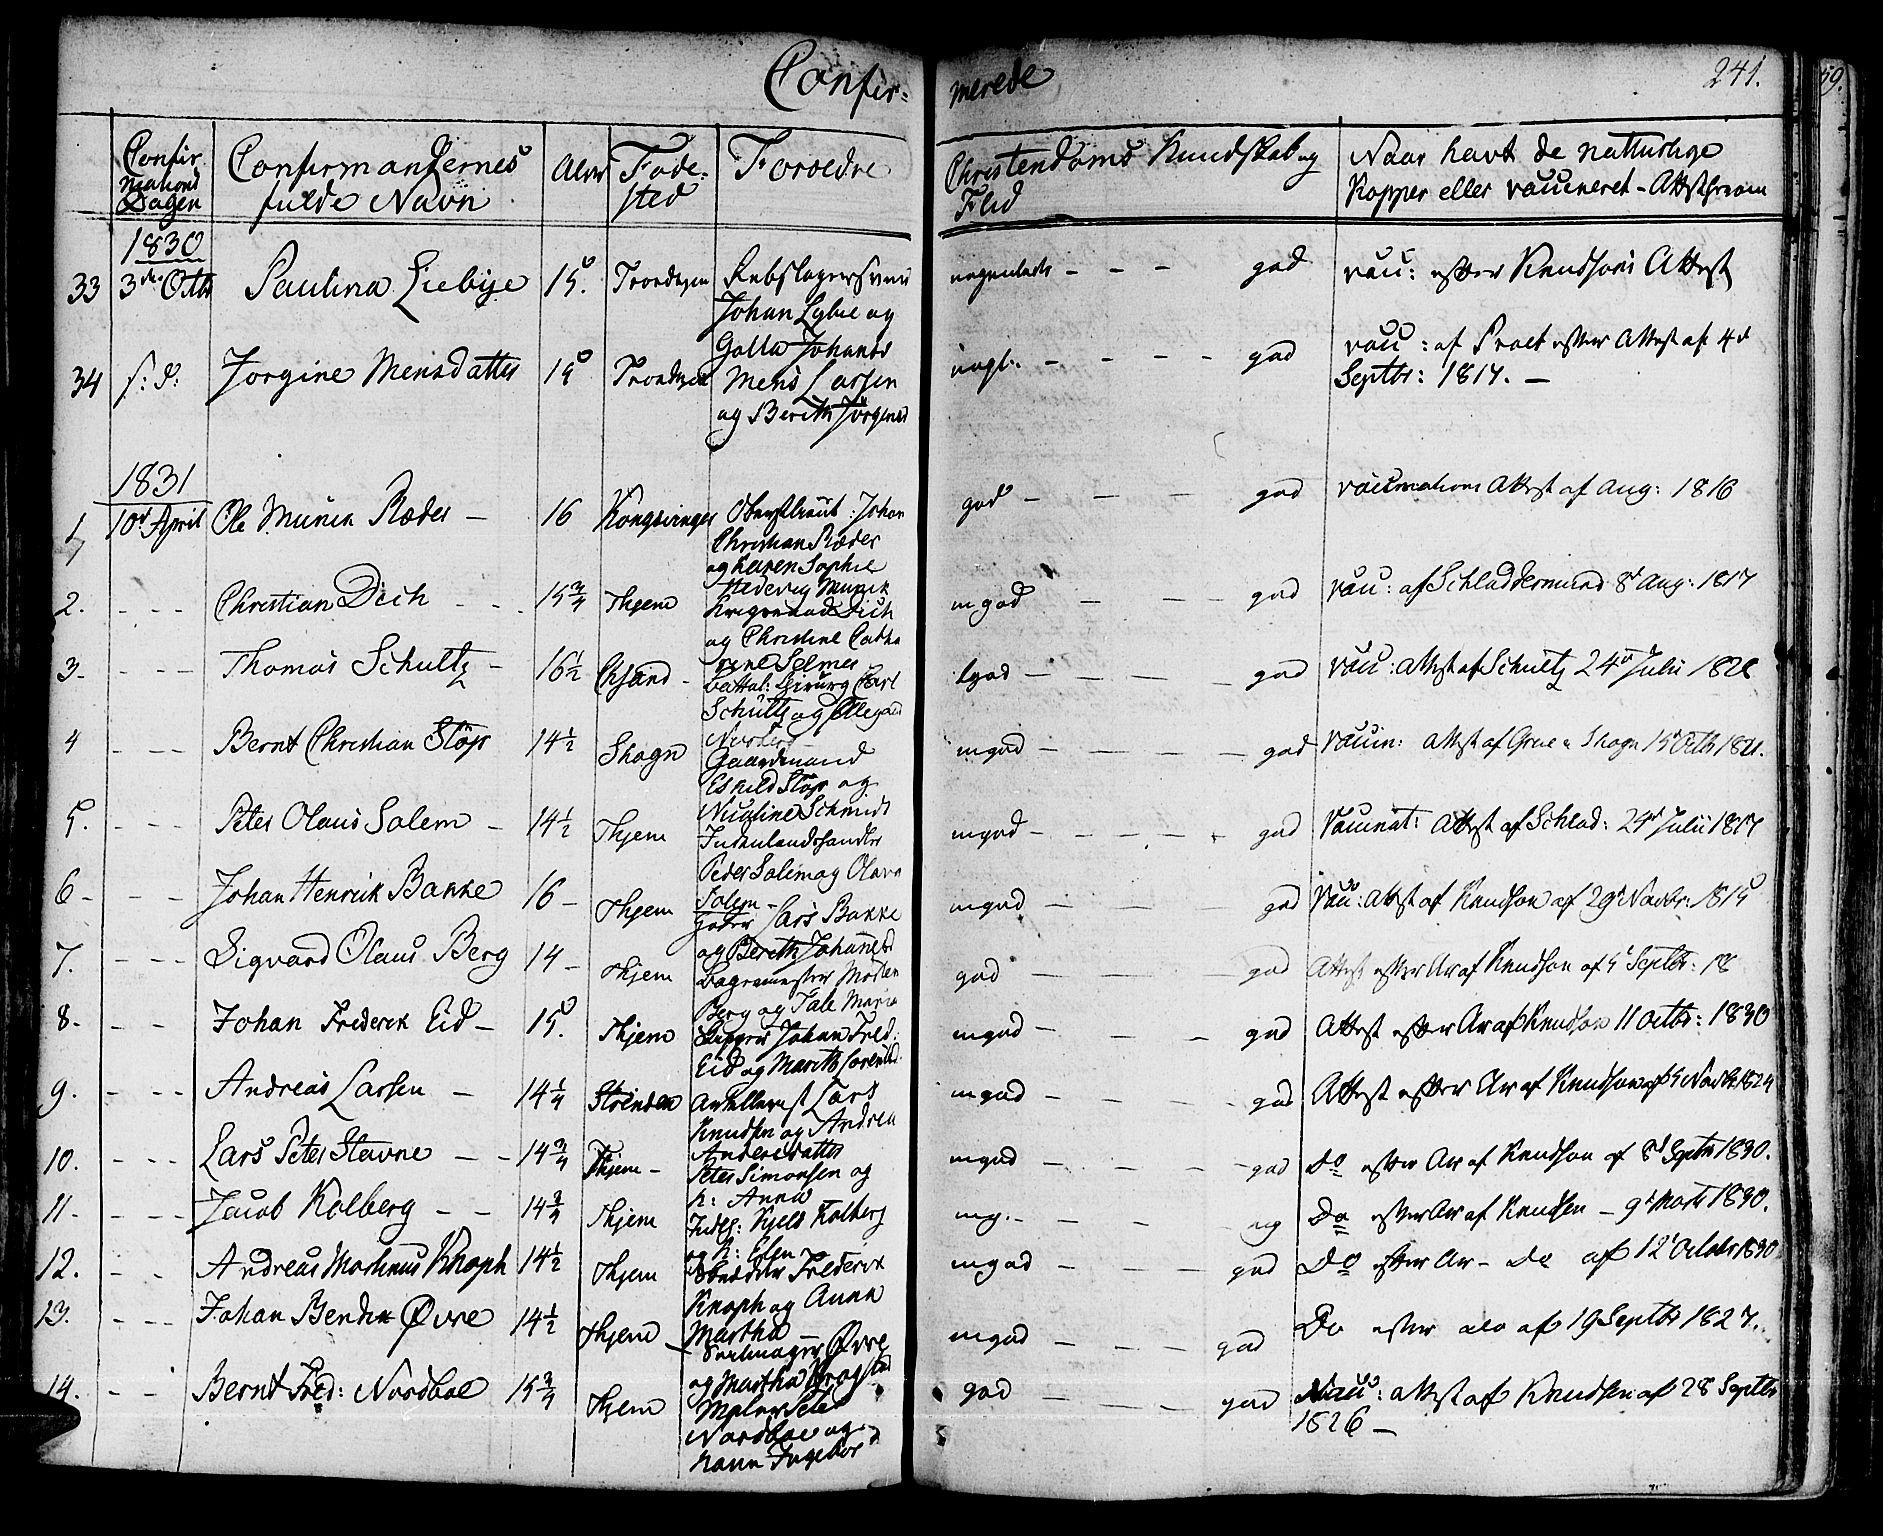 SAT, Ministerialprotokoller, klokkerbøker og fødselsregistre - Sør-Trøndelag, 601/L0045: Ministerialbok nr. 601A13, 1821-1831, s. 241